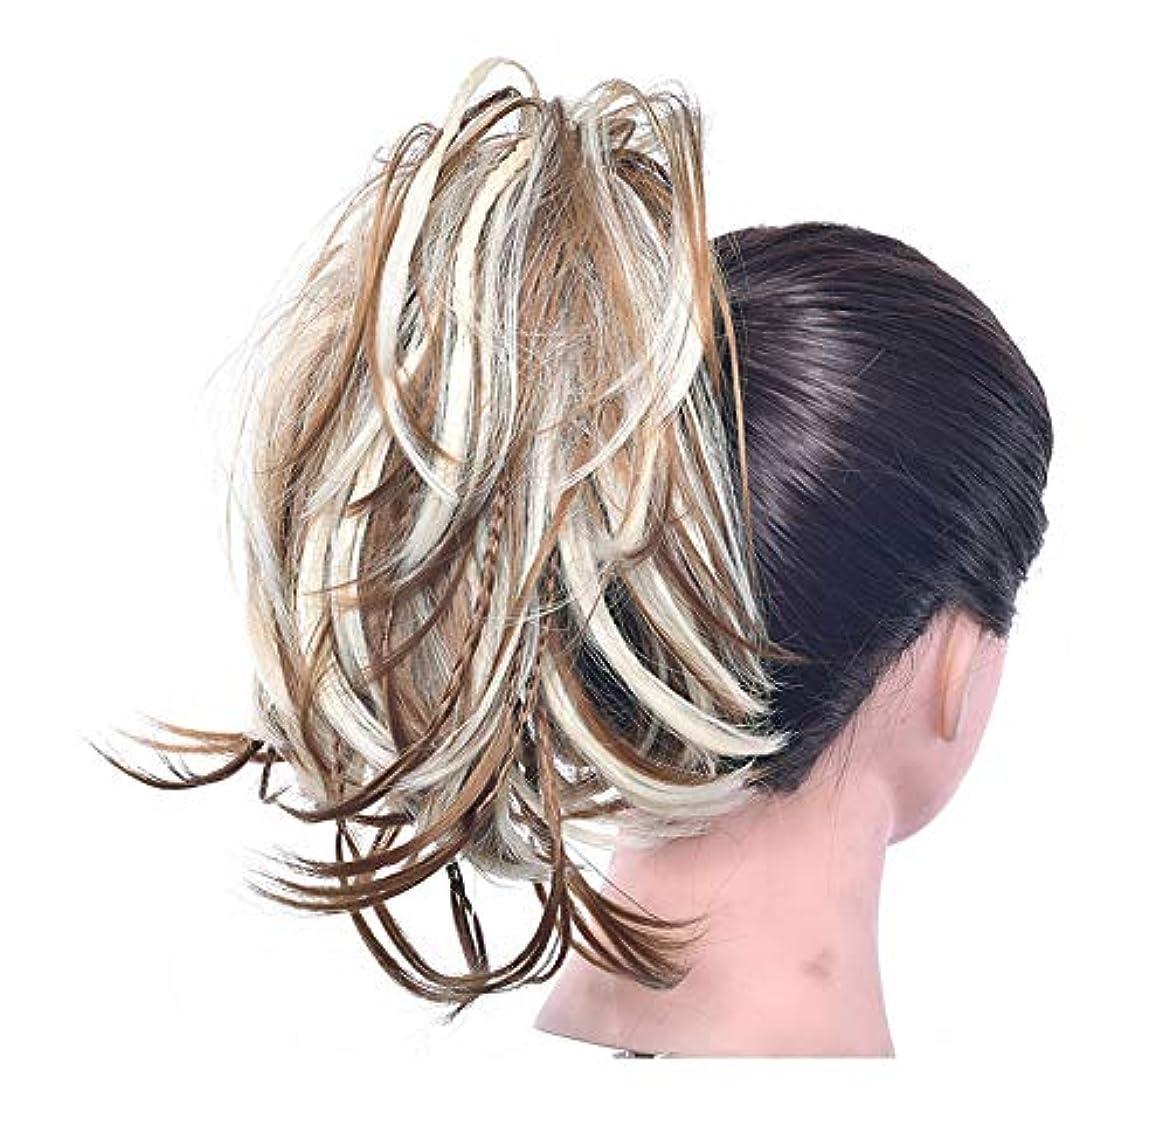 輝度解決する竜巻ポニーテールシニョンドーナツアップリボンアクセサリー、女性のためのカーリー波状の作品、乱雑な髪のお団子のシュシュ拡張